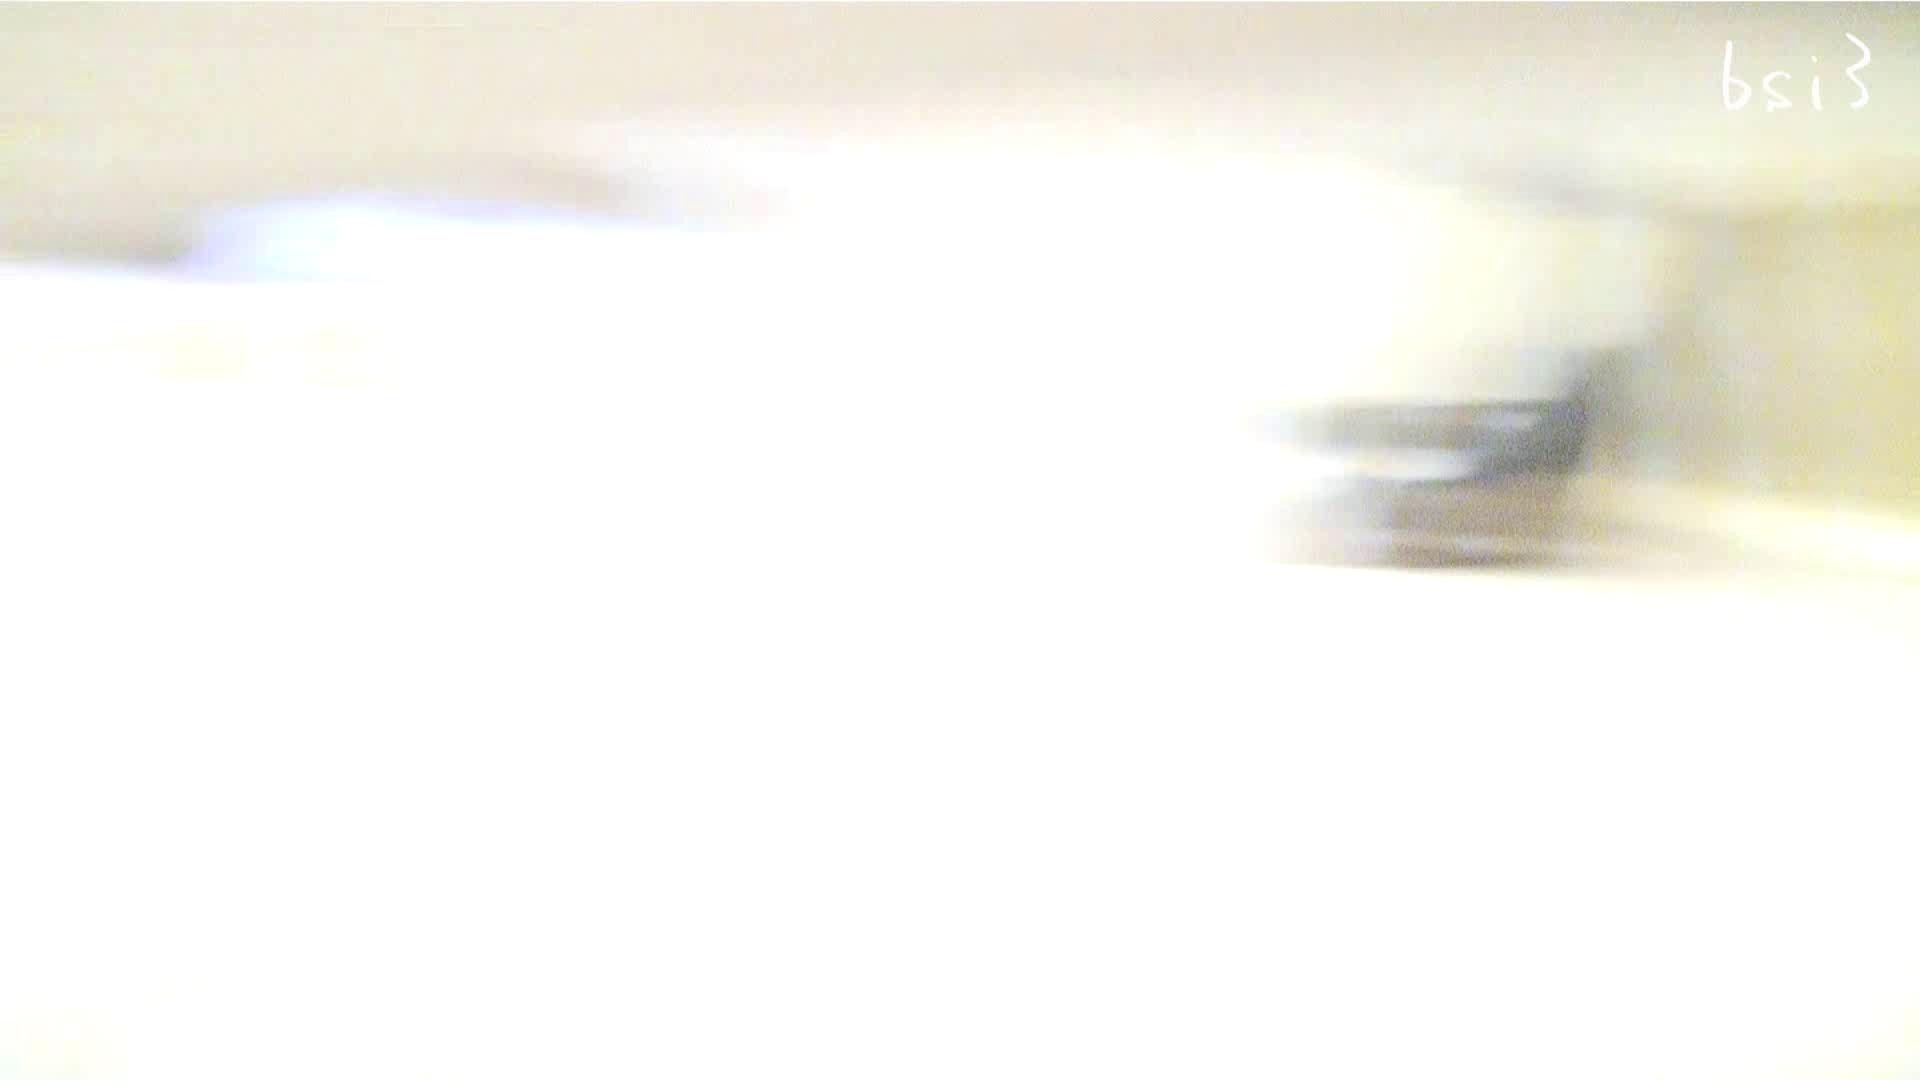 ナースのお小水 vol.003 ナースのエロ生活  101連発 9